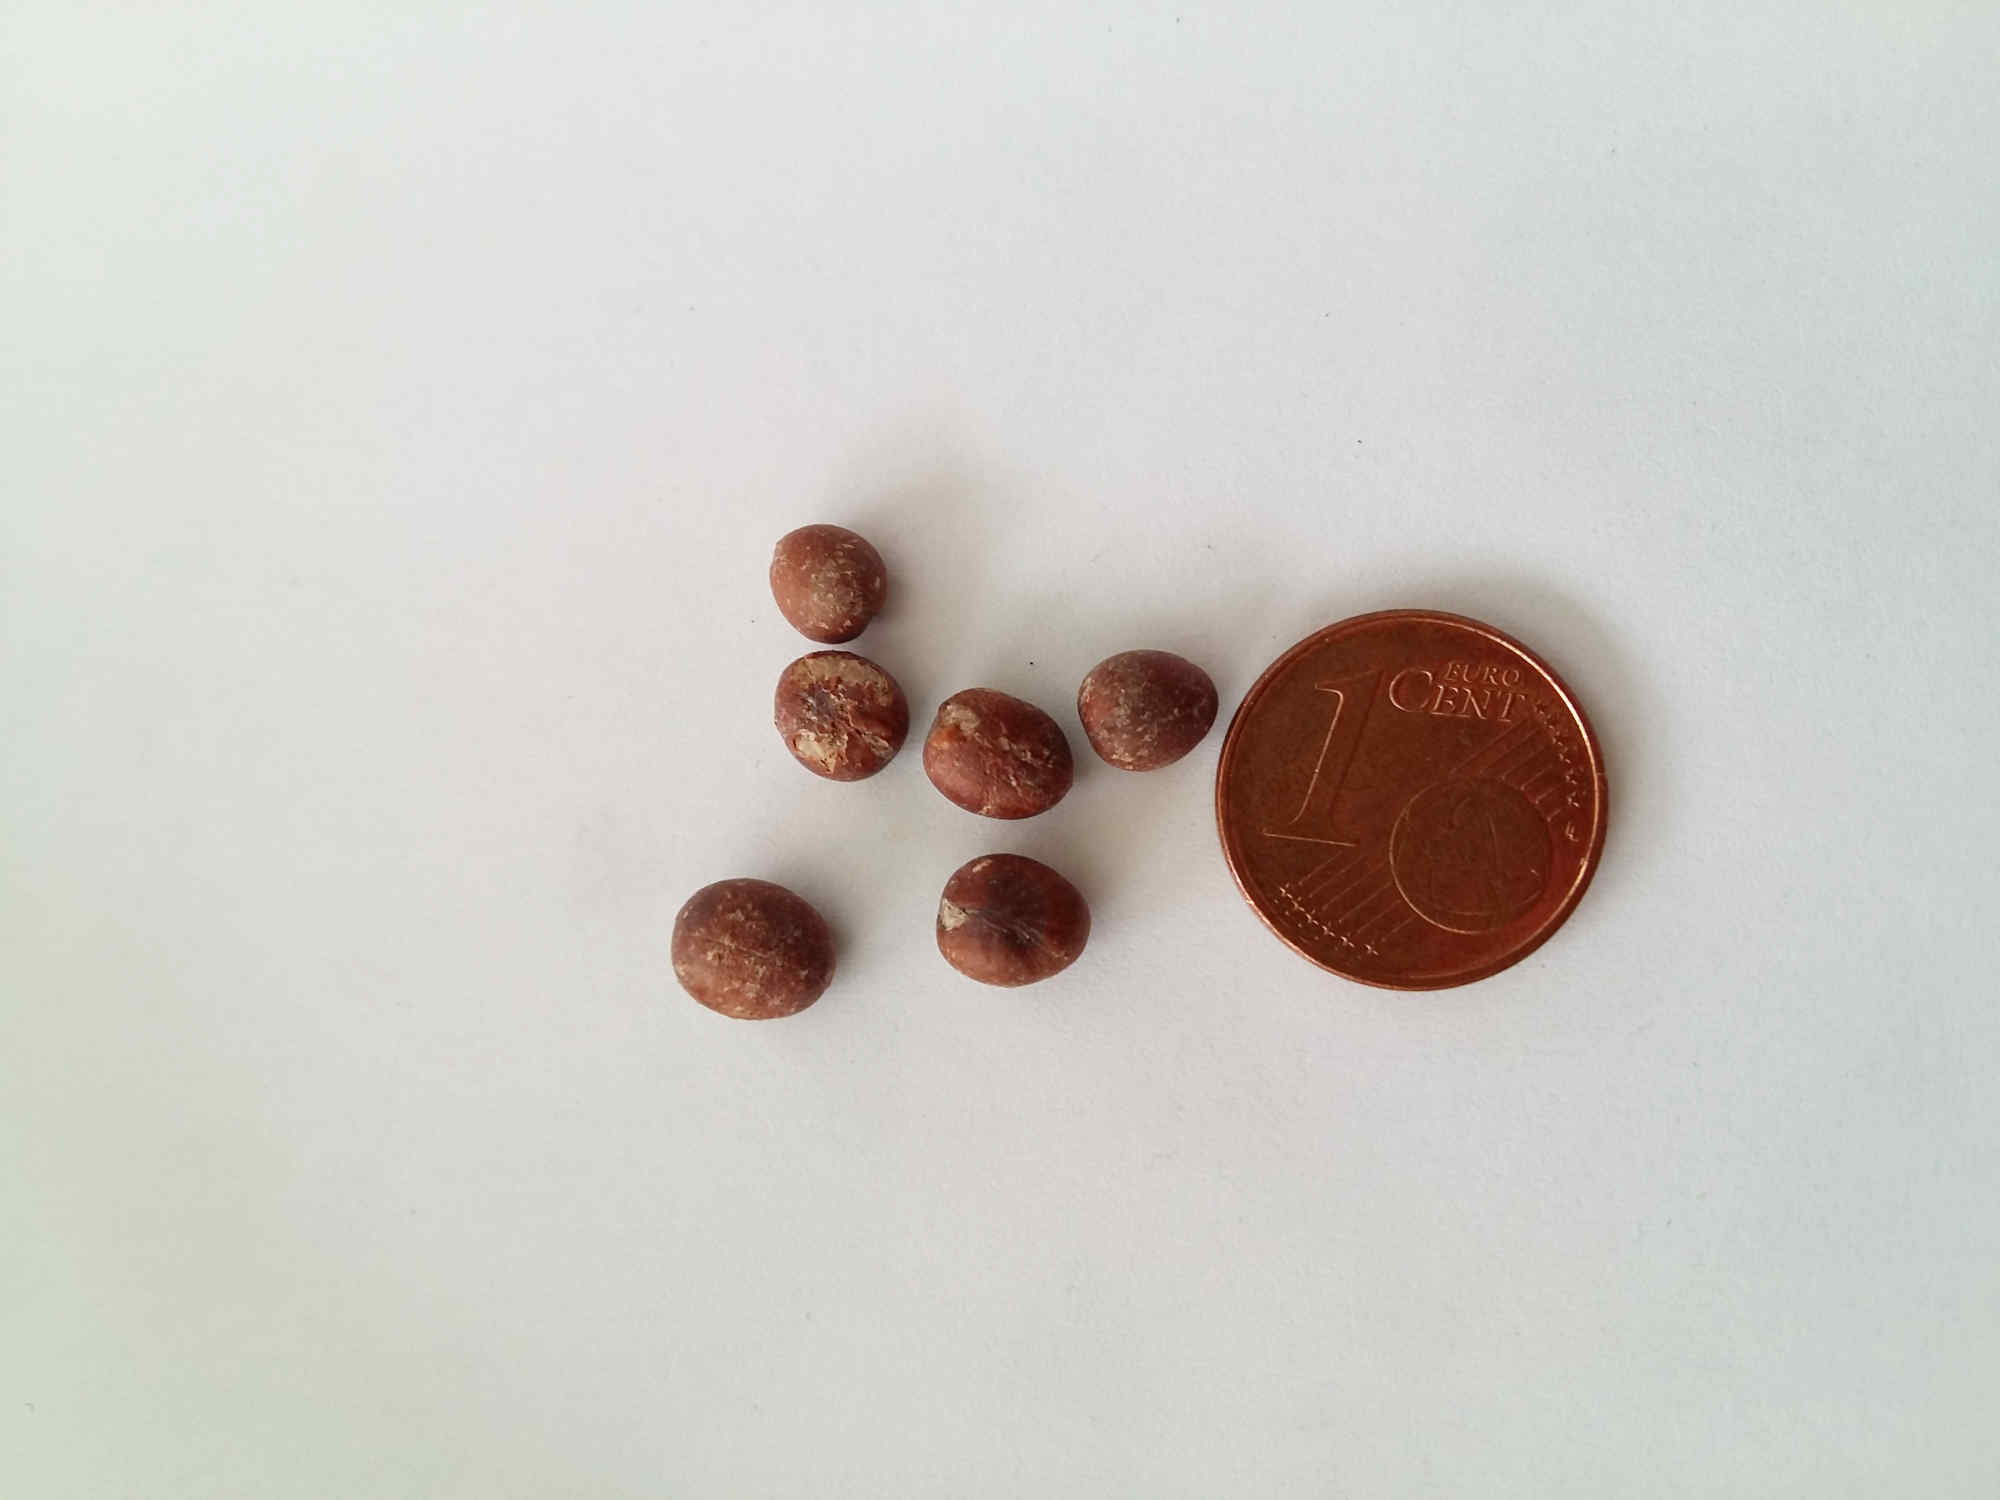 Bild der Samen einer Washingtonia robusta